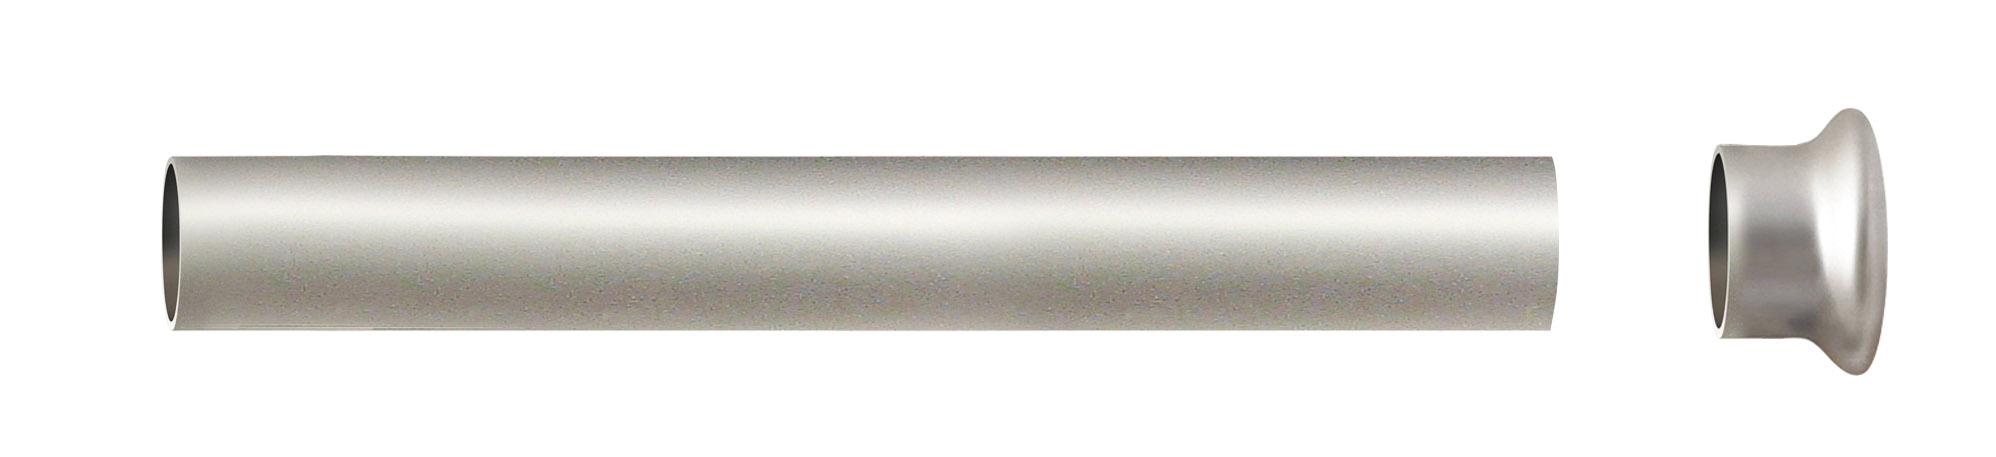 Tube Nu diam 28 mm Nickel Matt 2 m (Nickel)